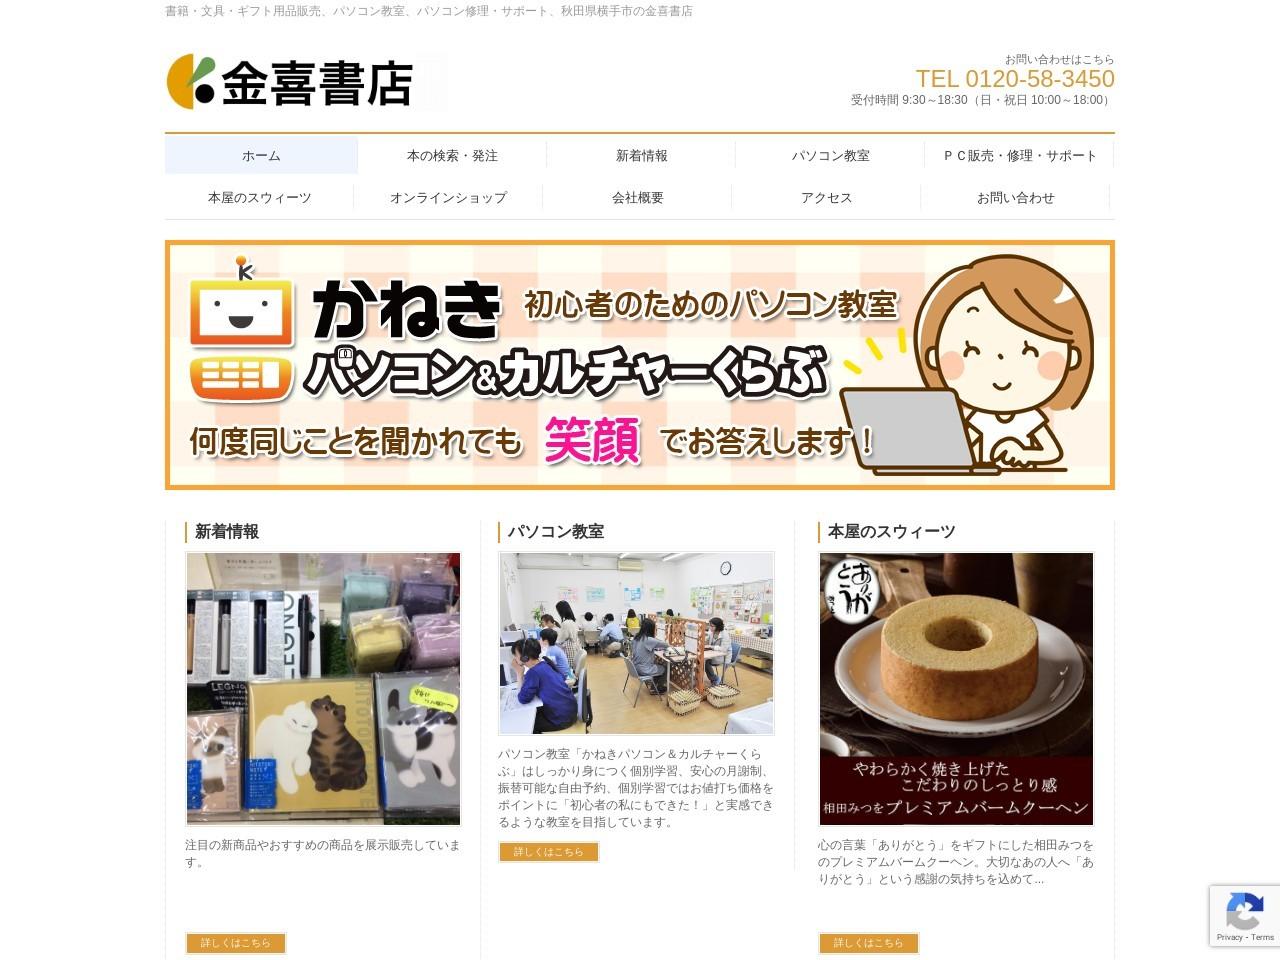 株式会社かねき 金喜書店